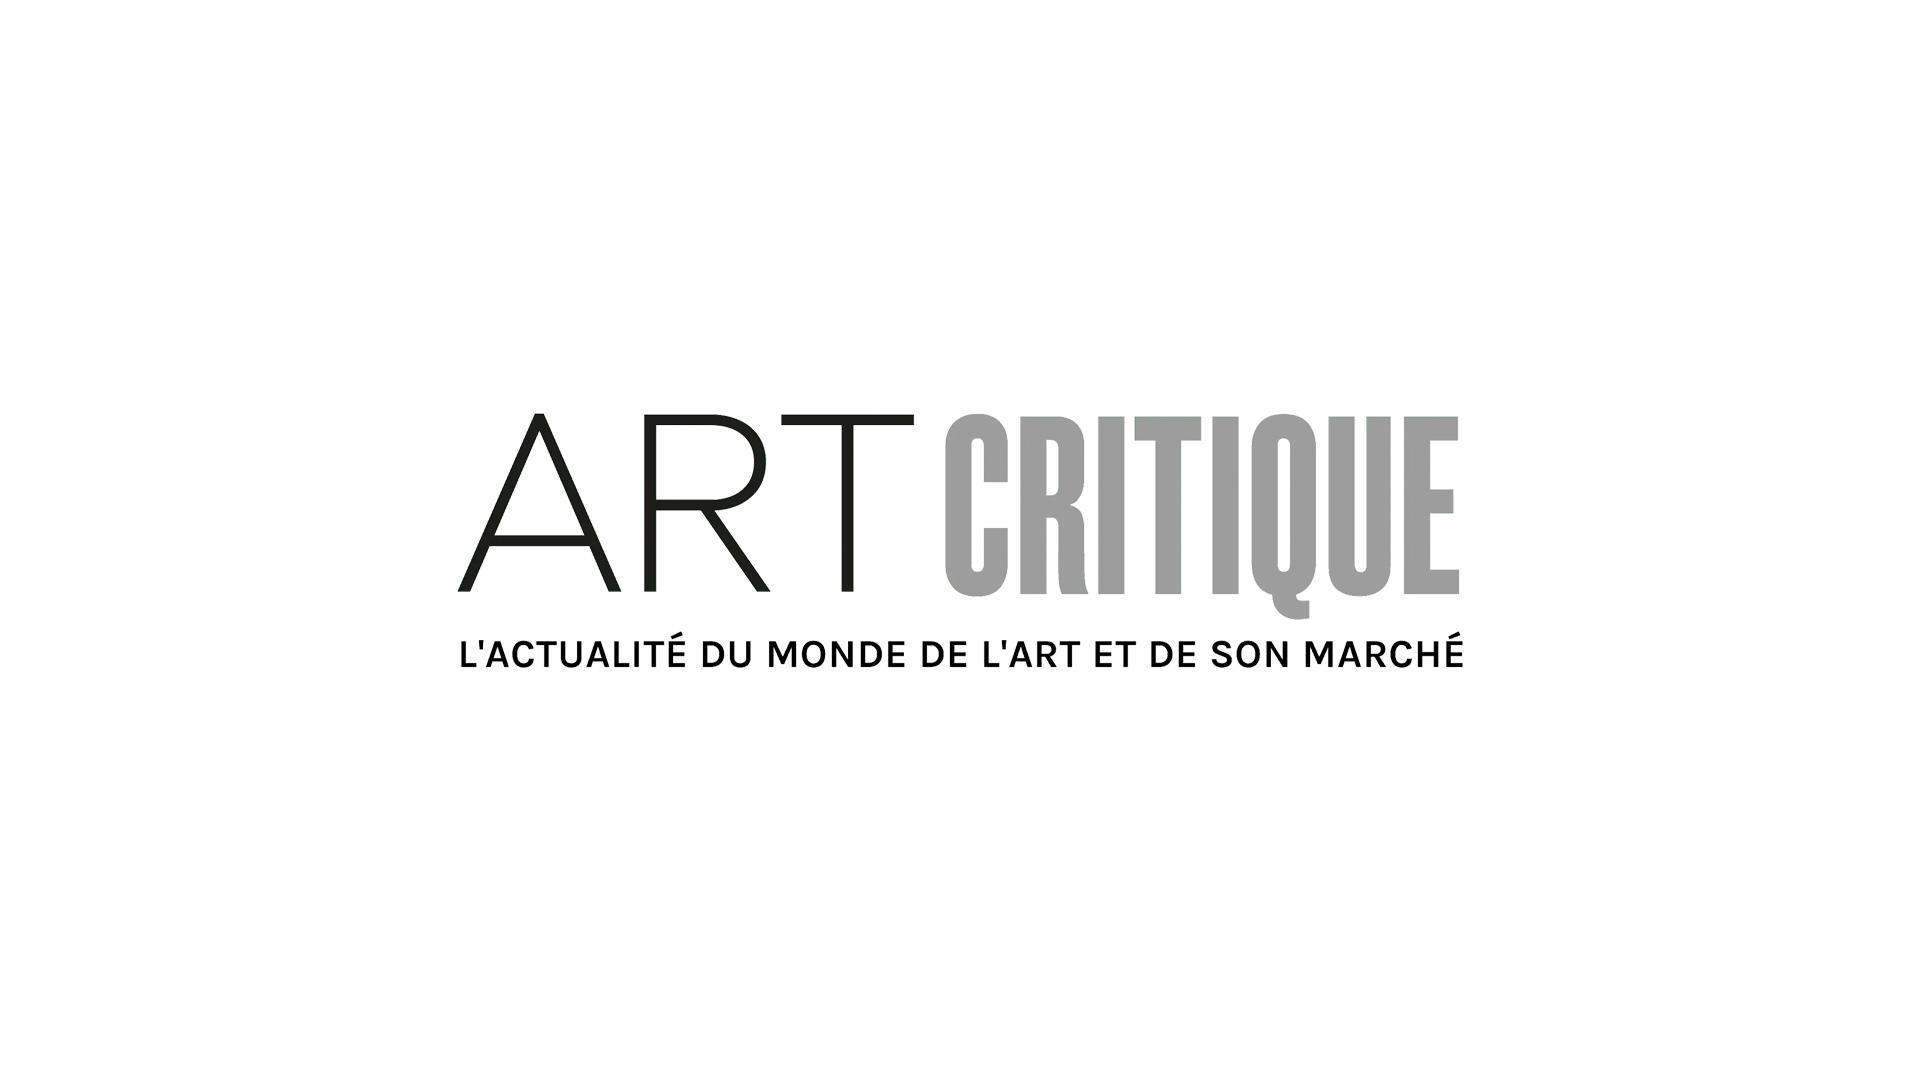 Le Centre Pompidou prépare sa réouverture